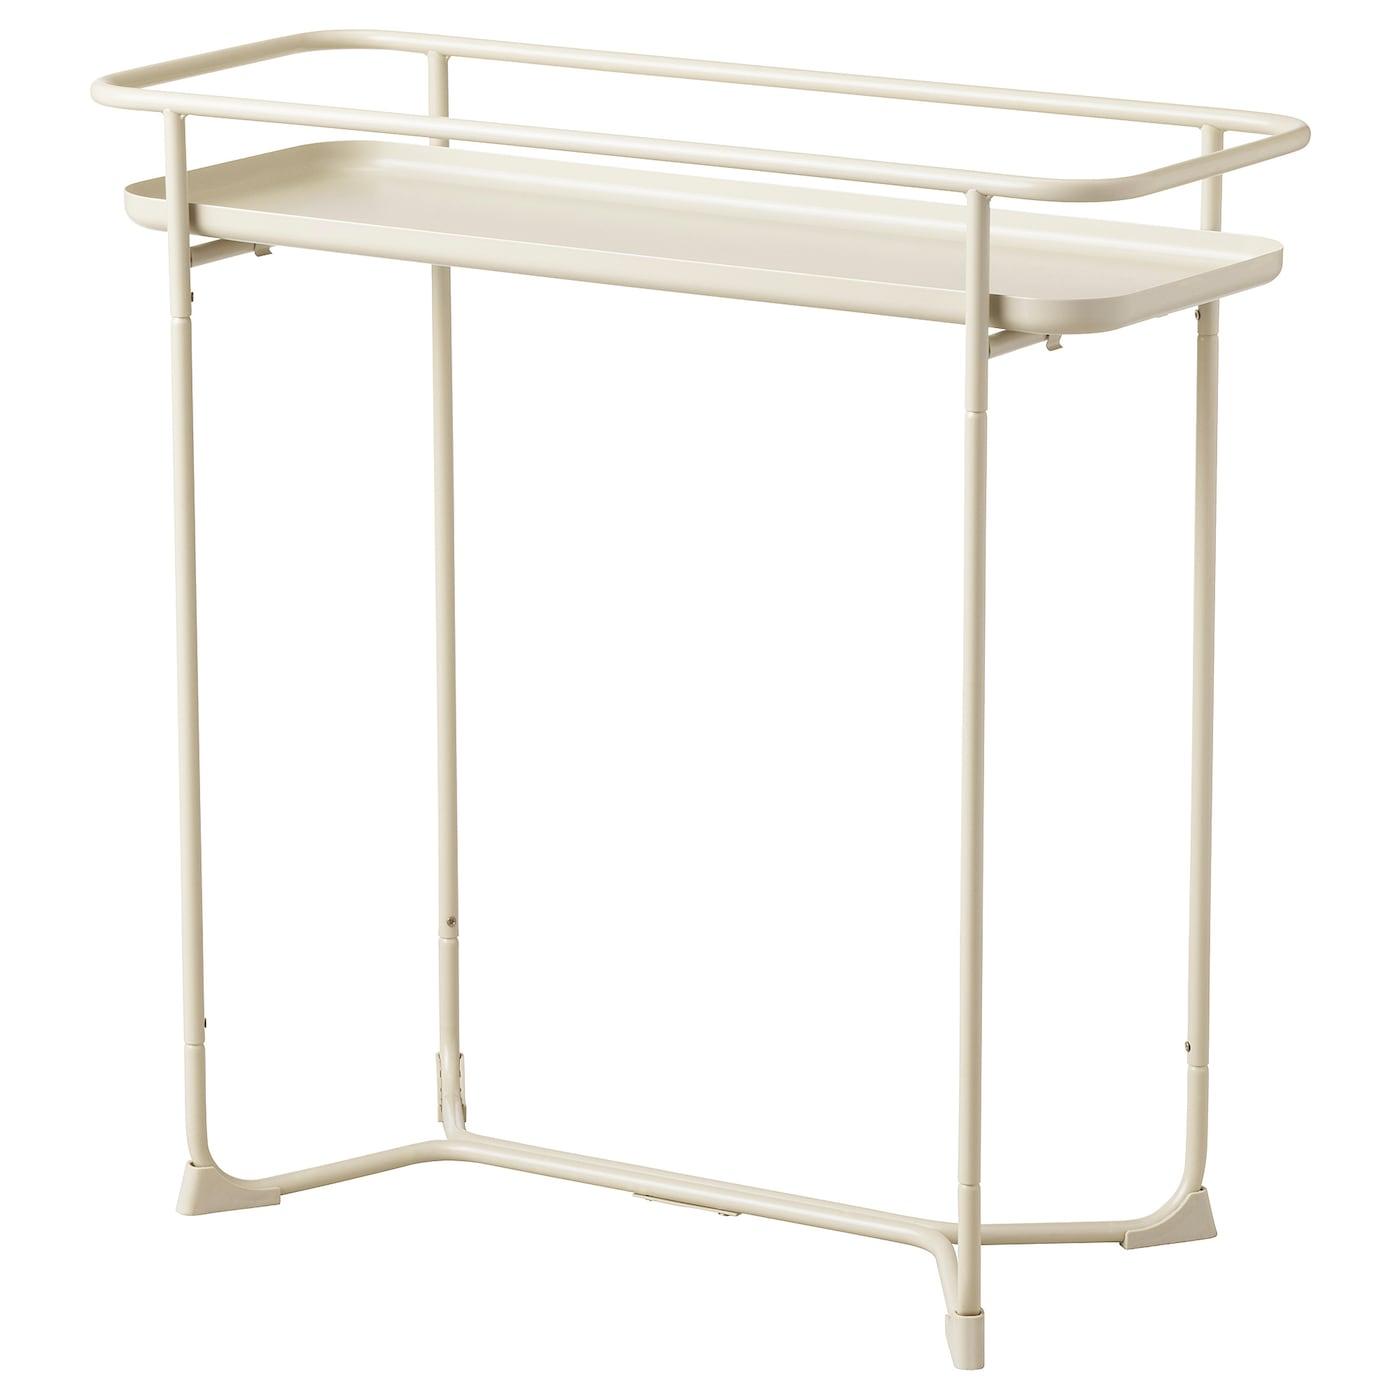 IKEA KRYDDPEPPAR Stojak na doniczkę, do wewnątrz/na zewnątrz beżowy, 65 cm